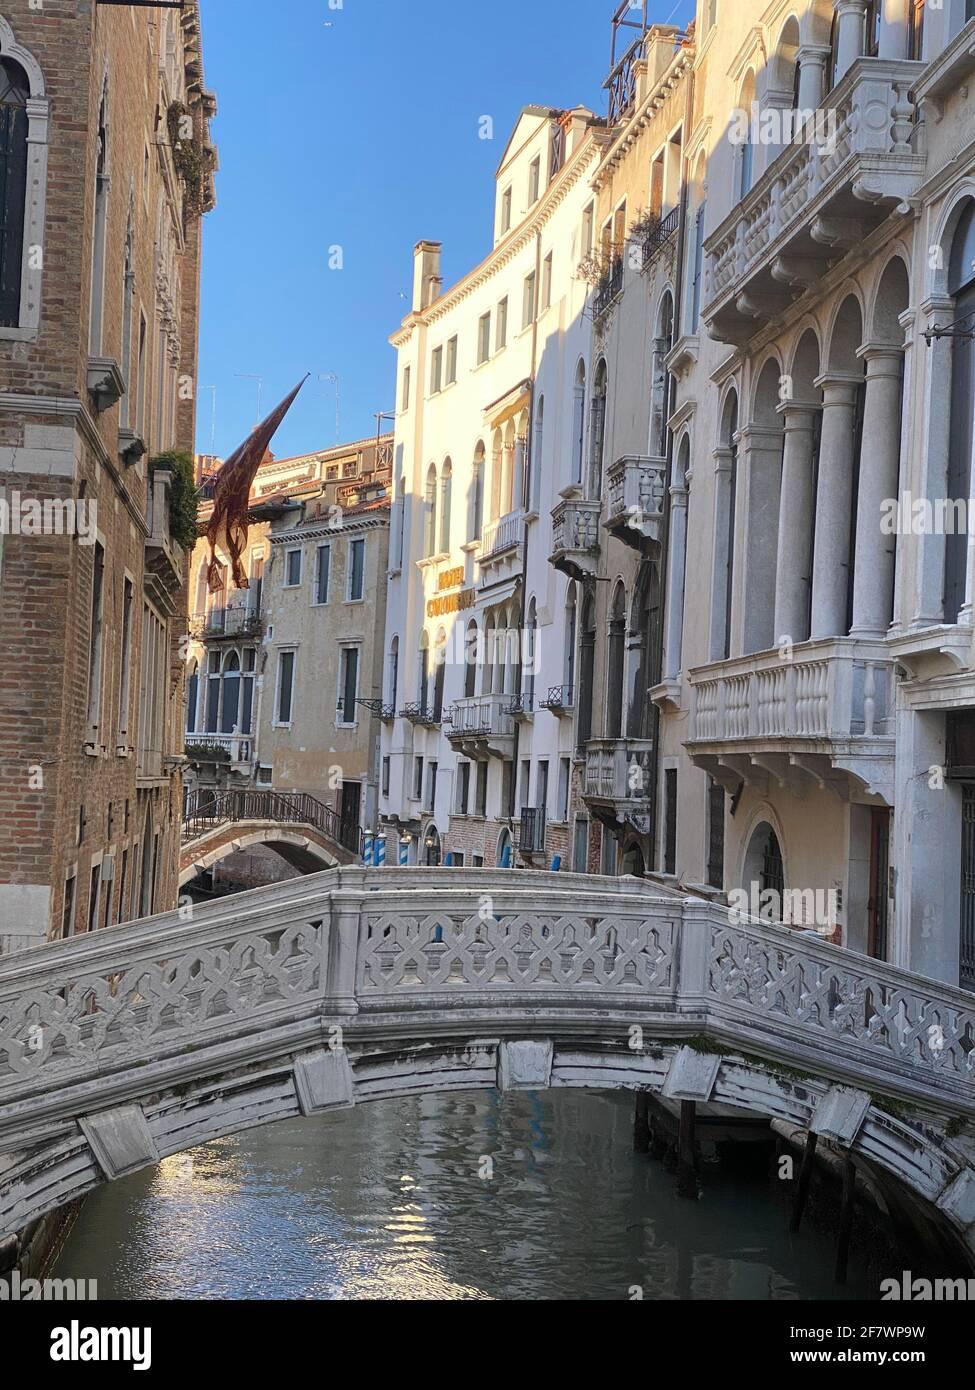 Bel ponte su un piccolo canale fiancheggiato, su sfondo colorato edificio, Venezia, Italia, durante la crisi di Lockdown COVID-19 Foto Stock